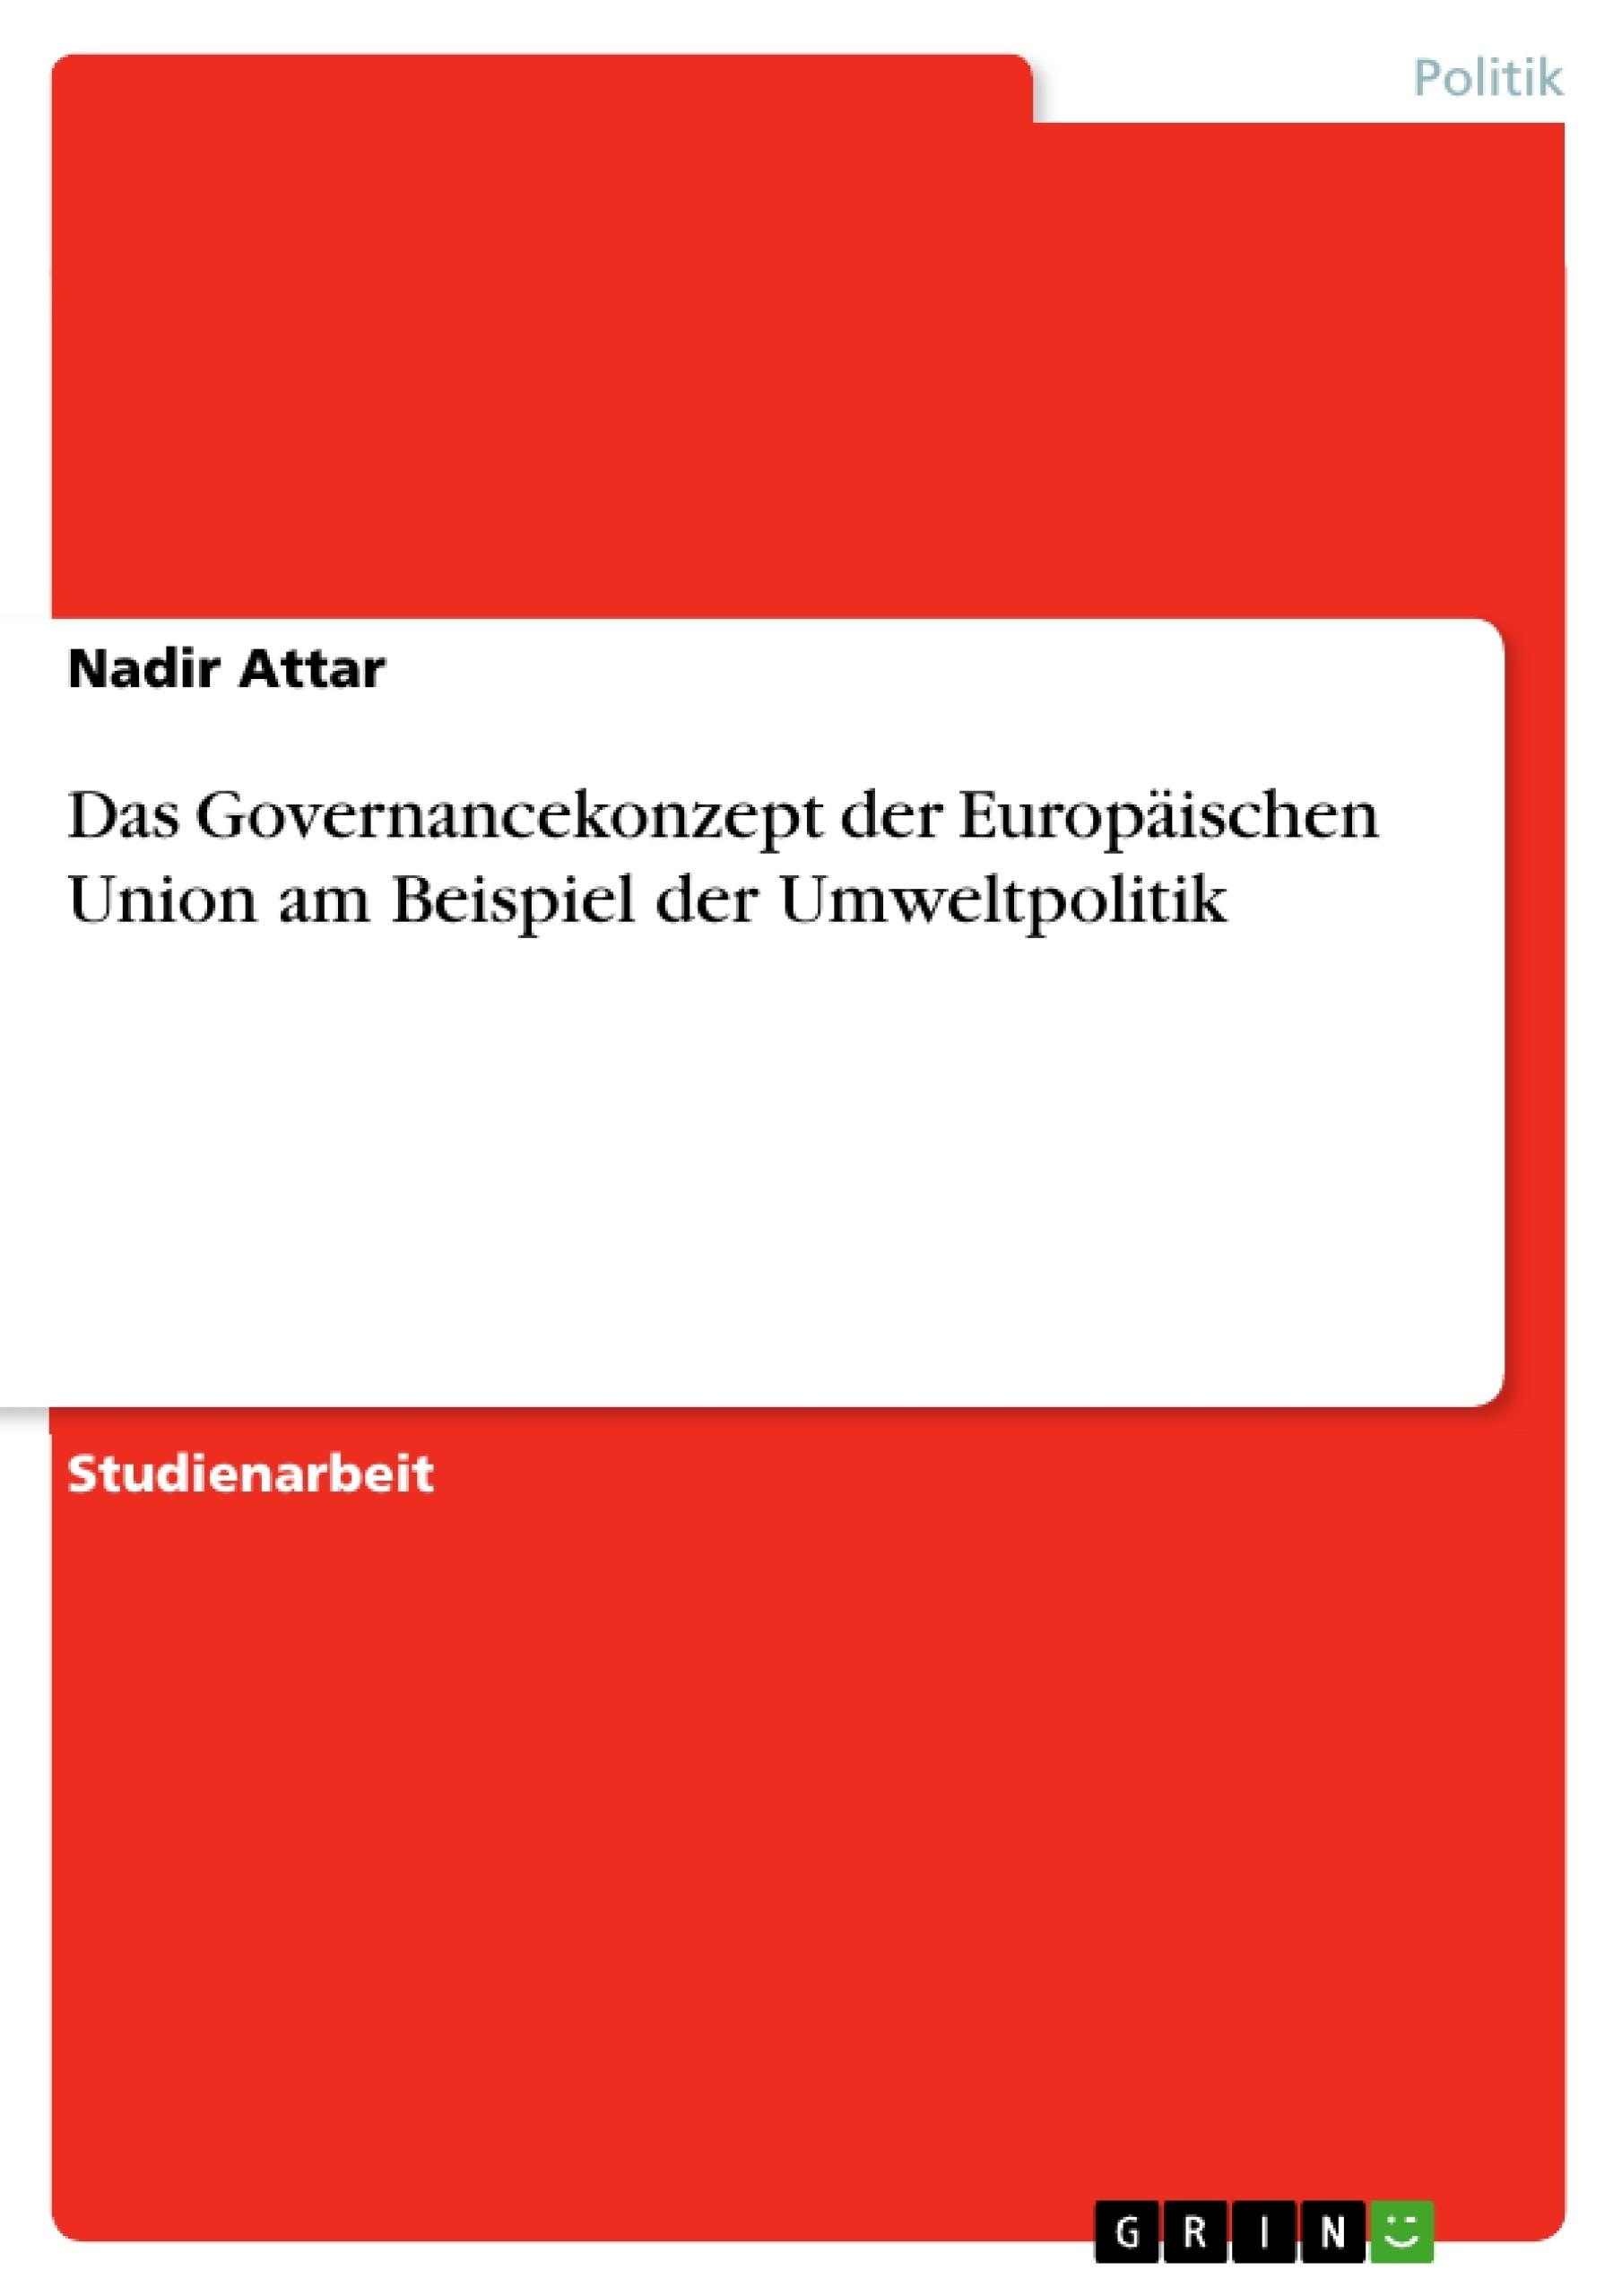 Titel: Das Governancekonzept der Europäischen Union am Beispiel der Umweltpolitik